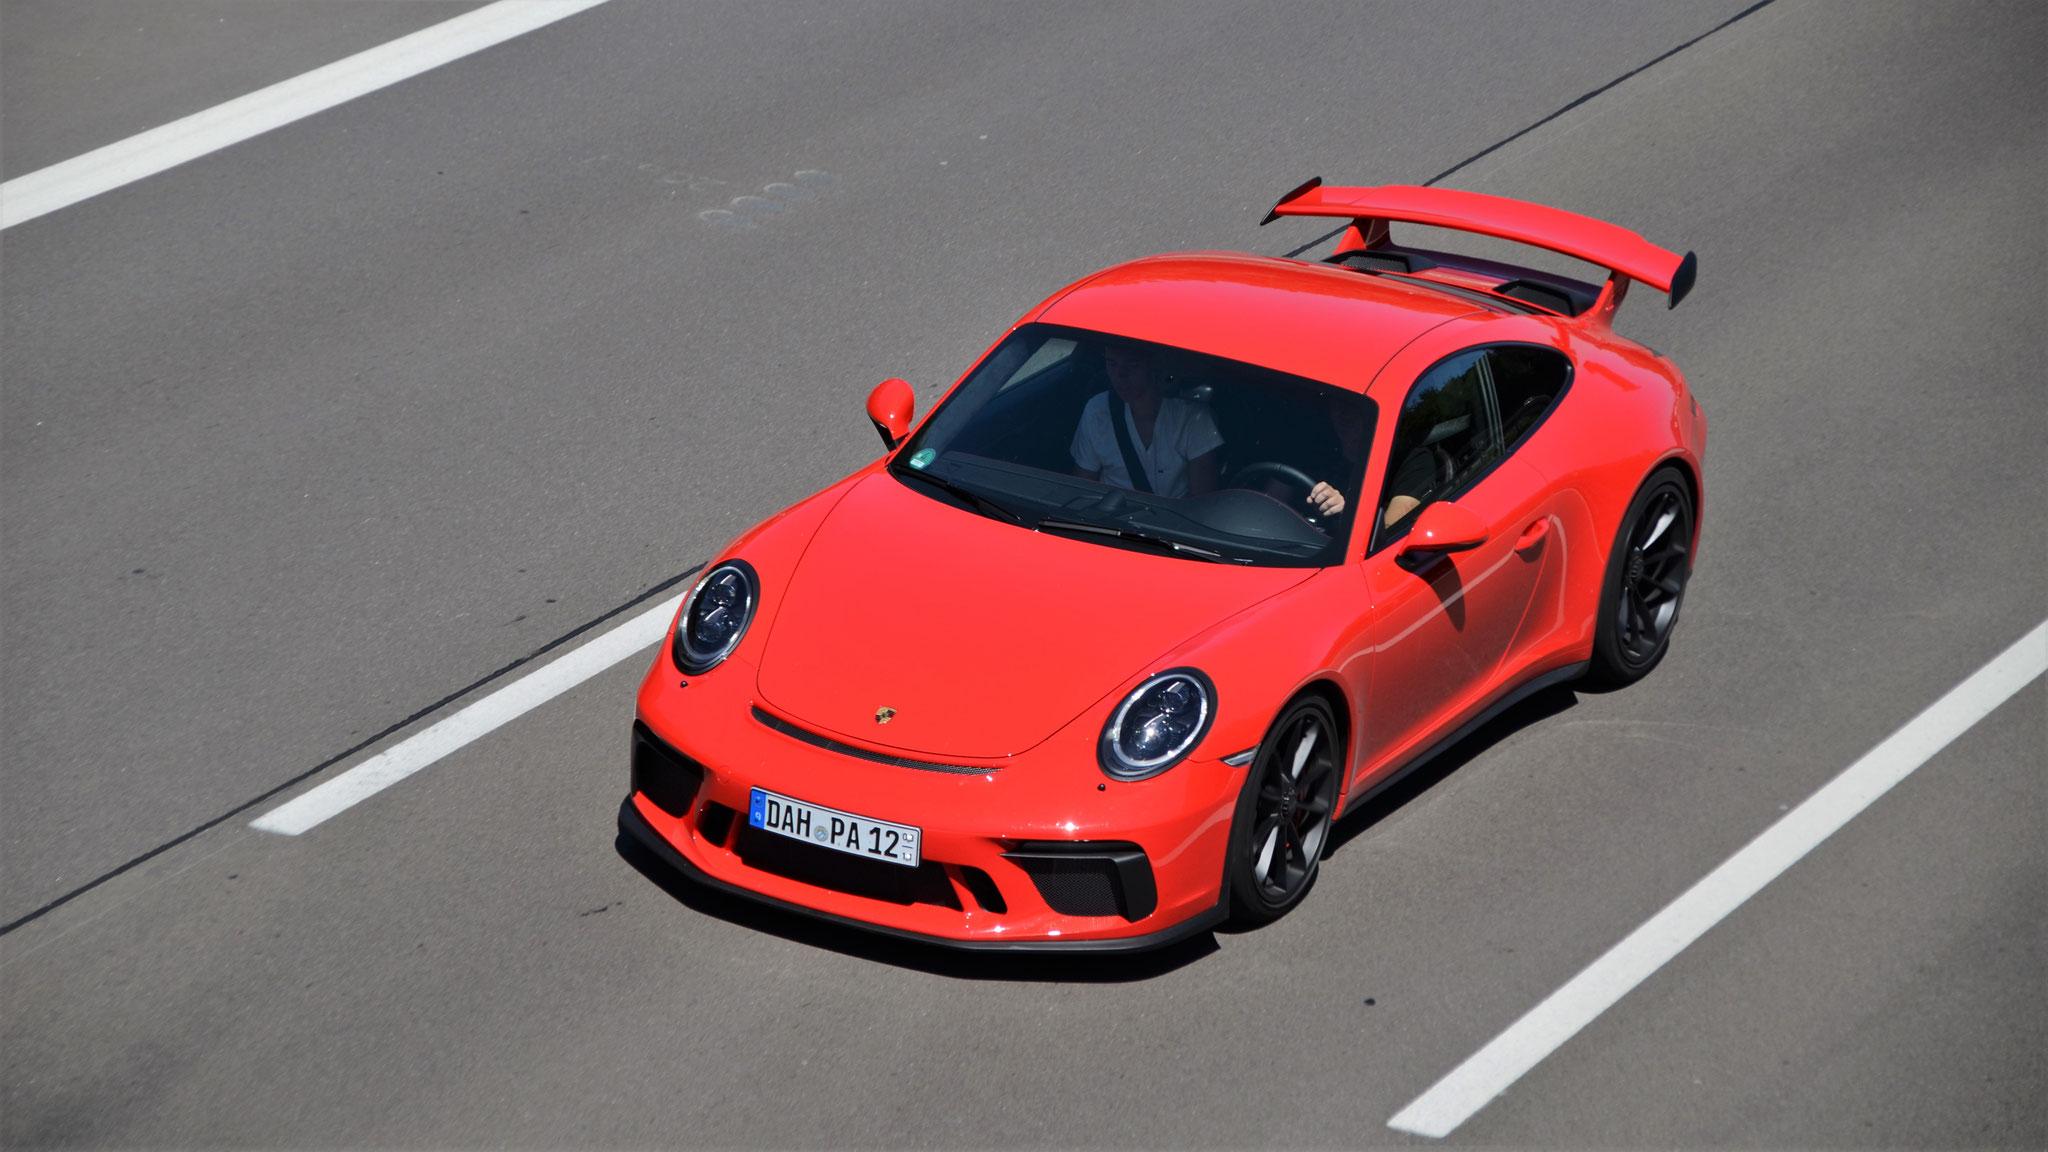 Porsche 991 GT3 - DAH-PA-12